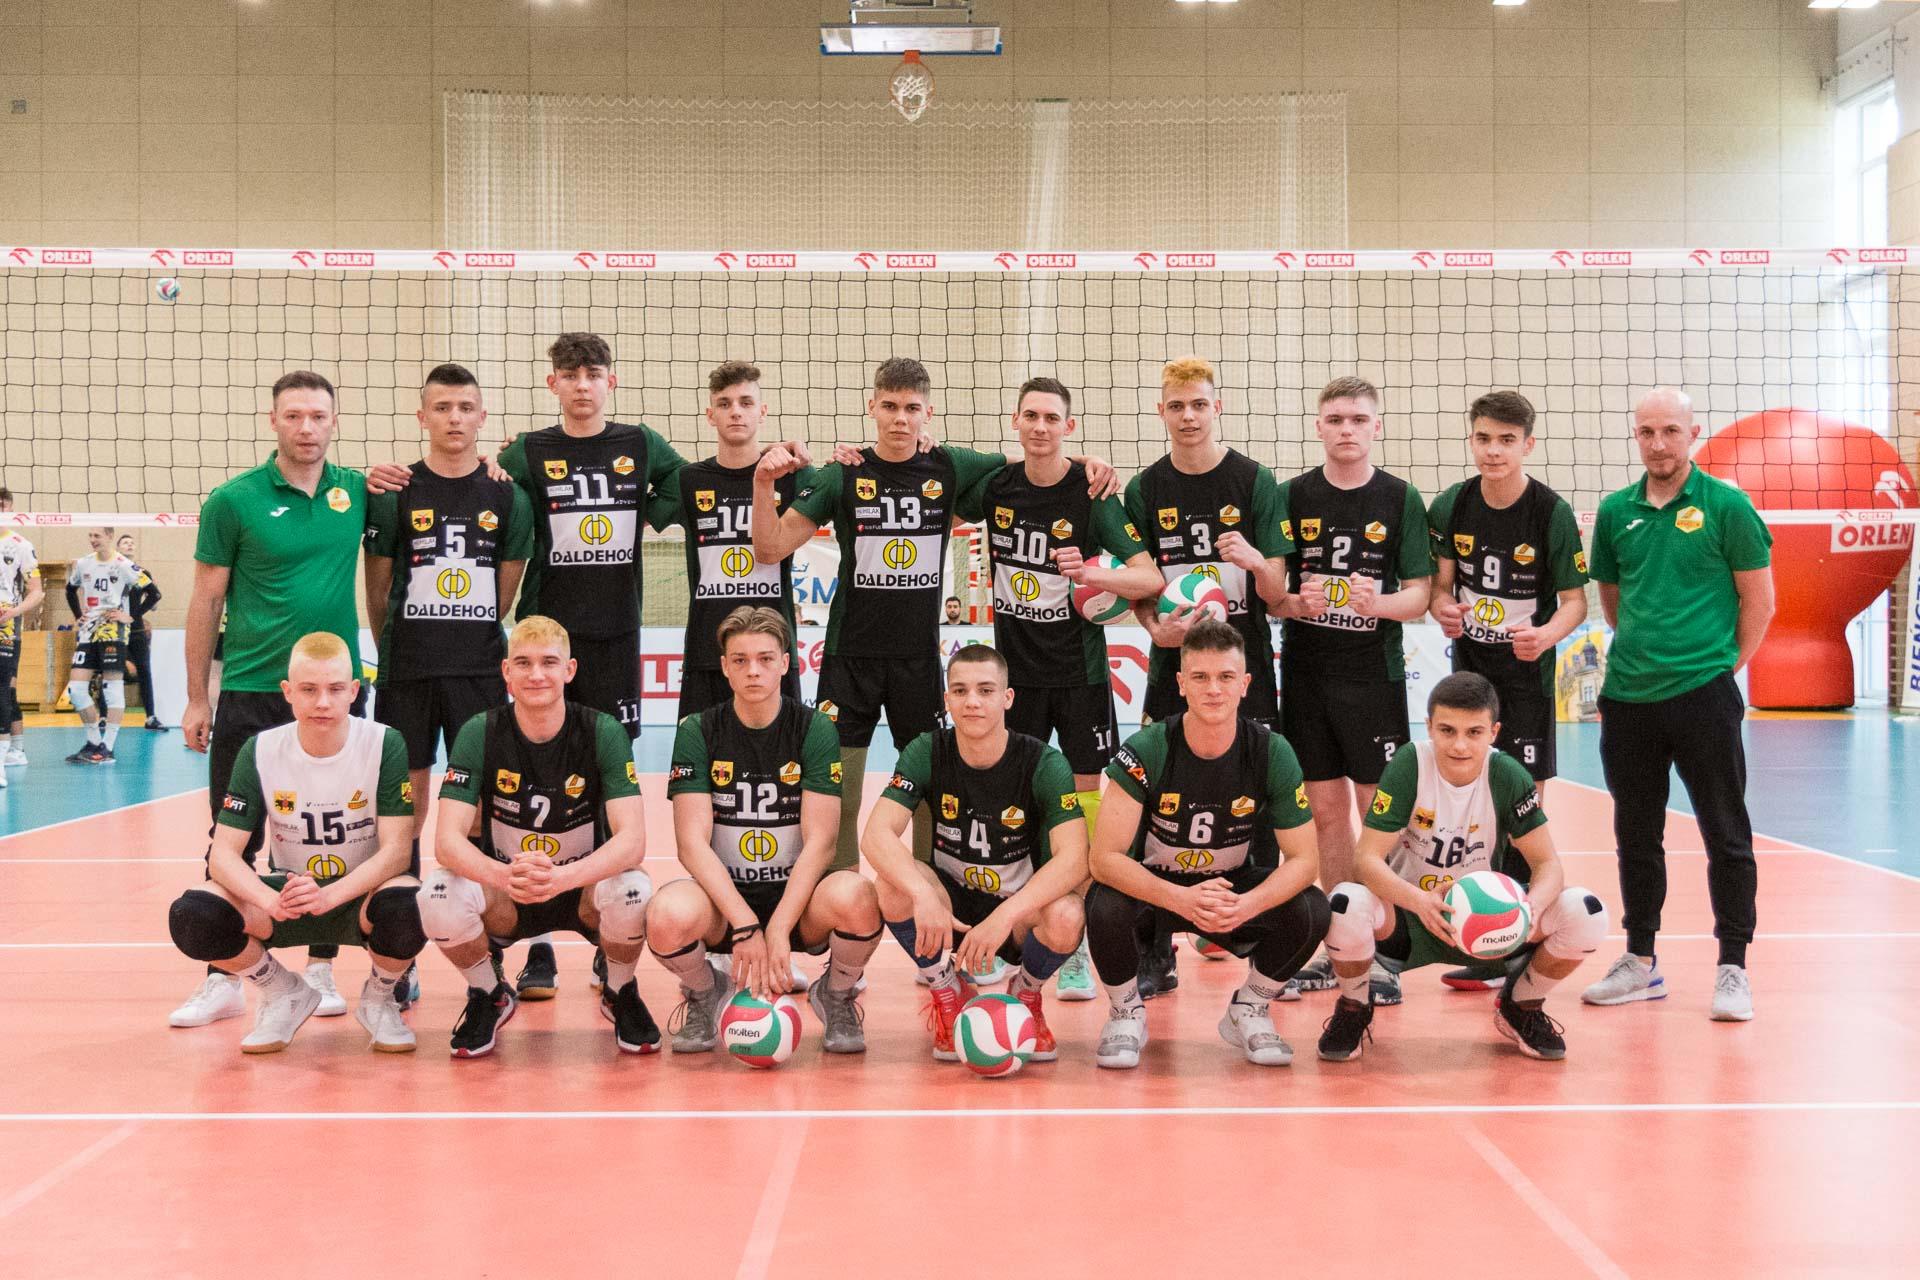 KS Lechia 1923 Tomaszów Mazowiecki (MMP Finał Juniorów Młodszych Grupa B sezon 2020/2021)